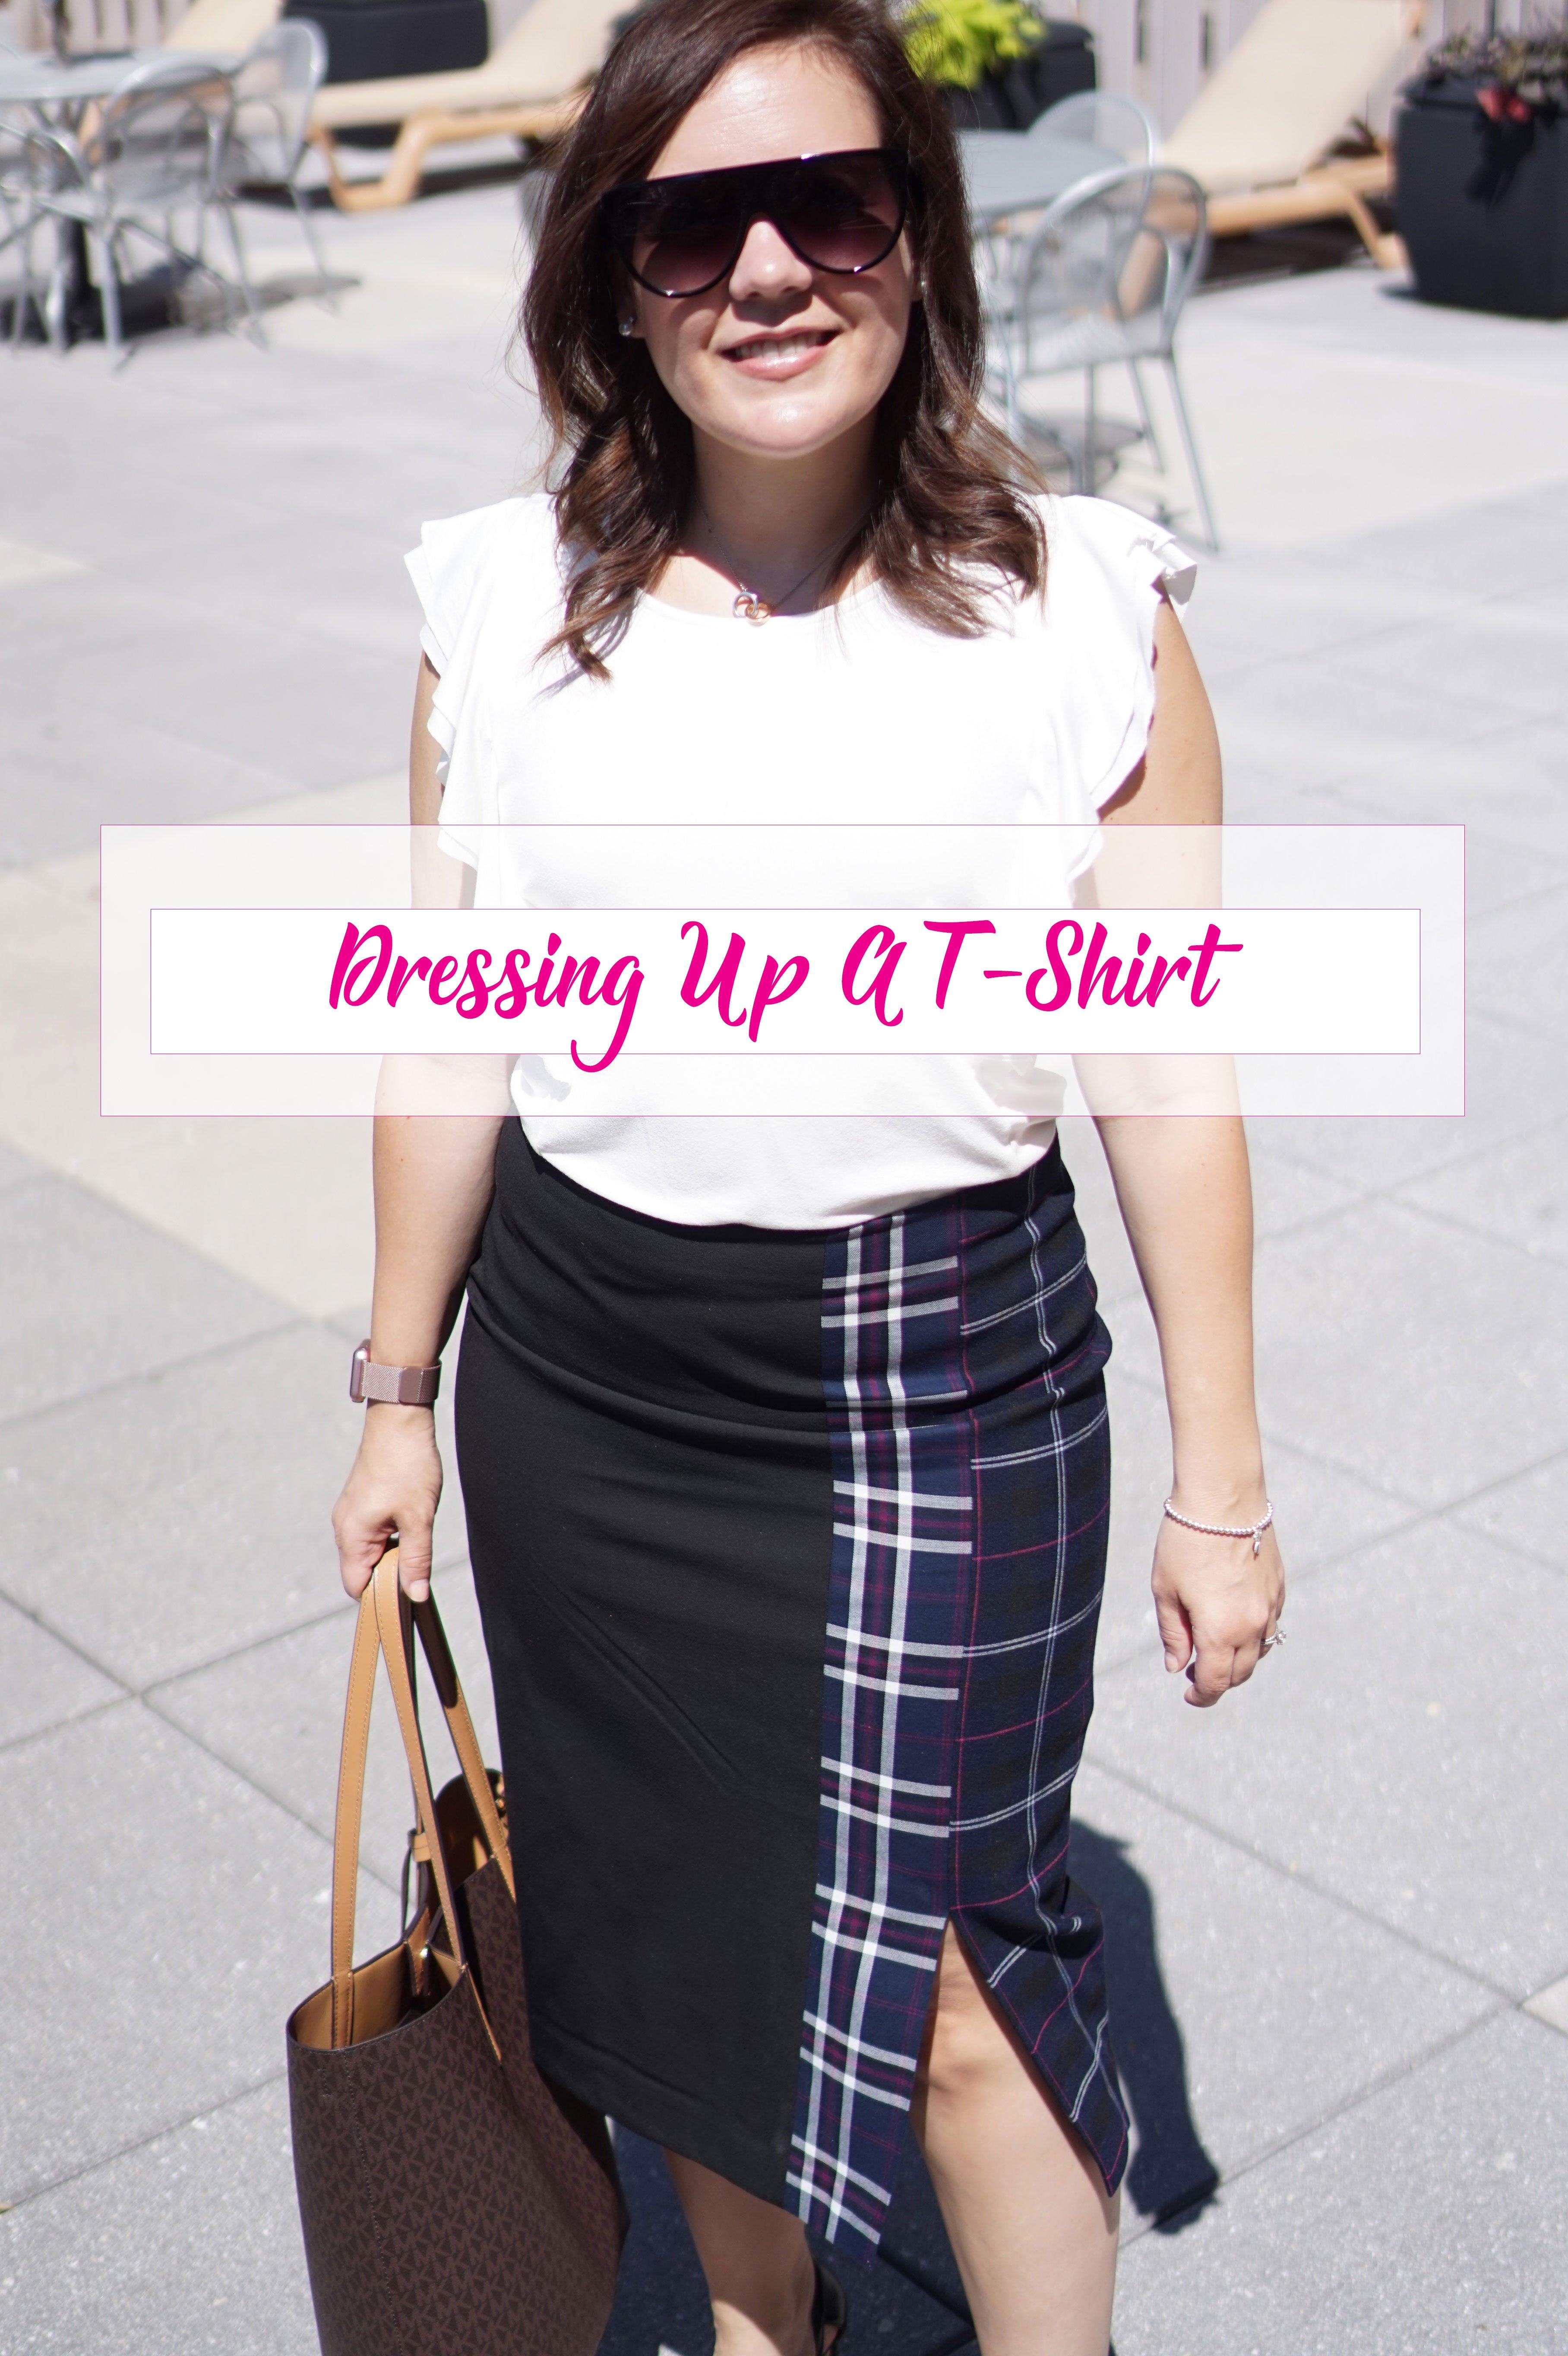 Dressing-Up-A-T-Shirt-Title